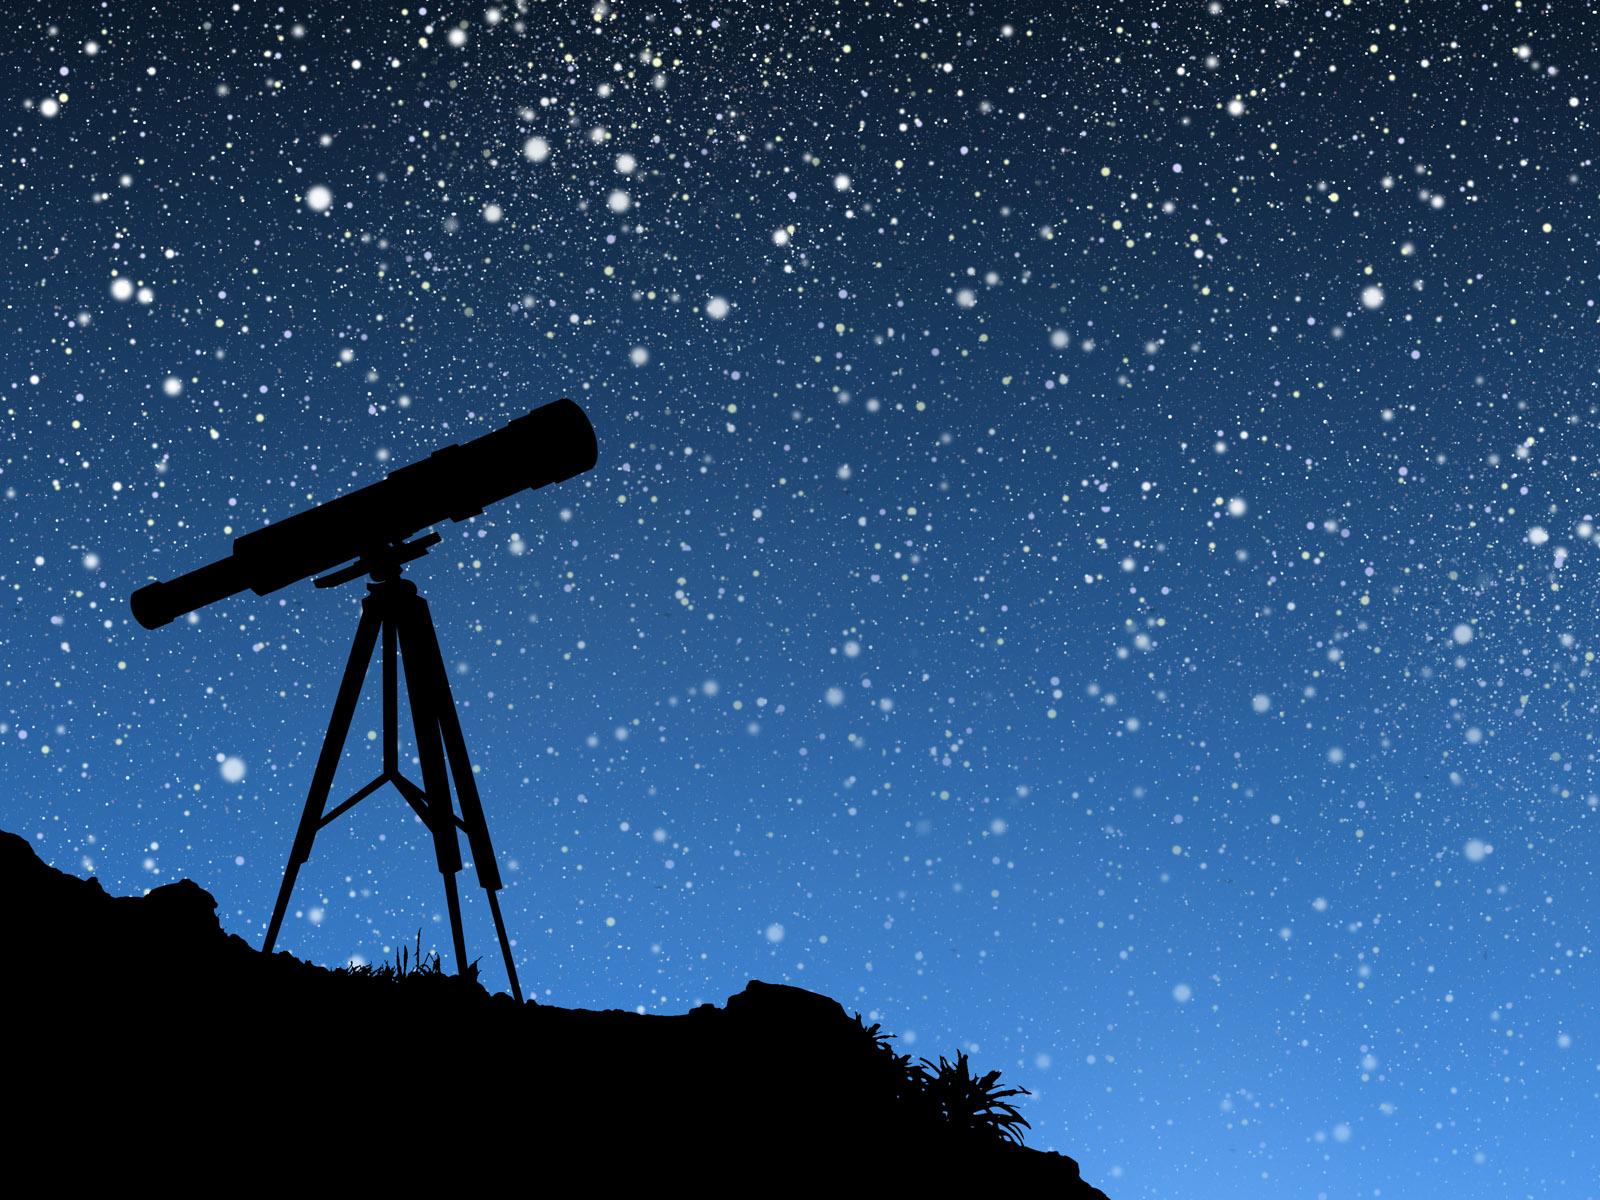 astro book - Хобби и увлечения для всех, какие из них приносят доход